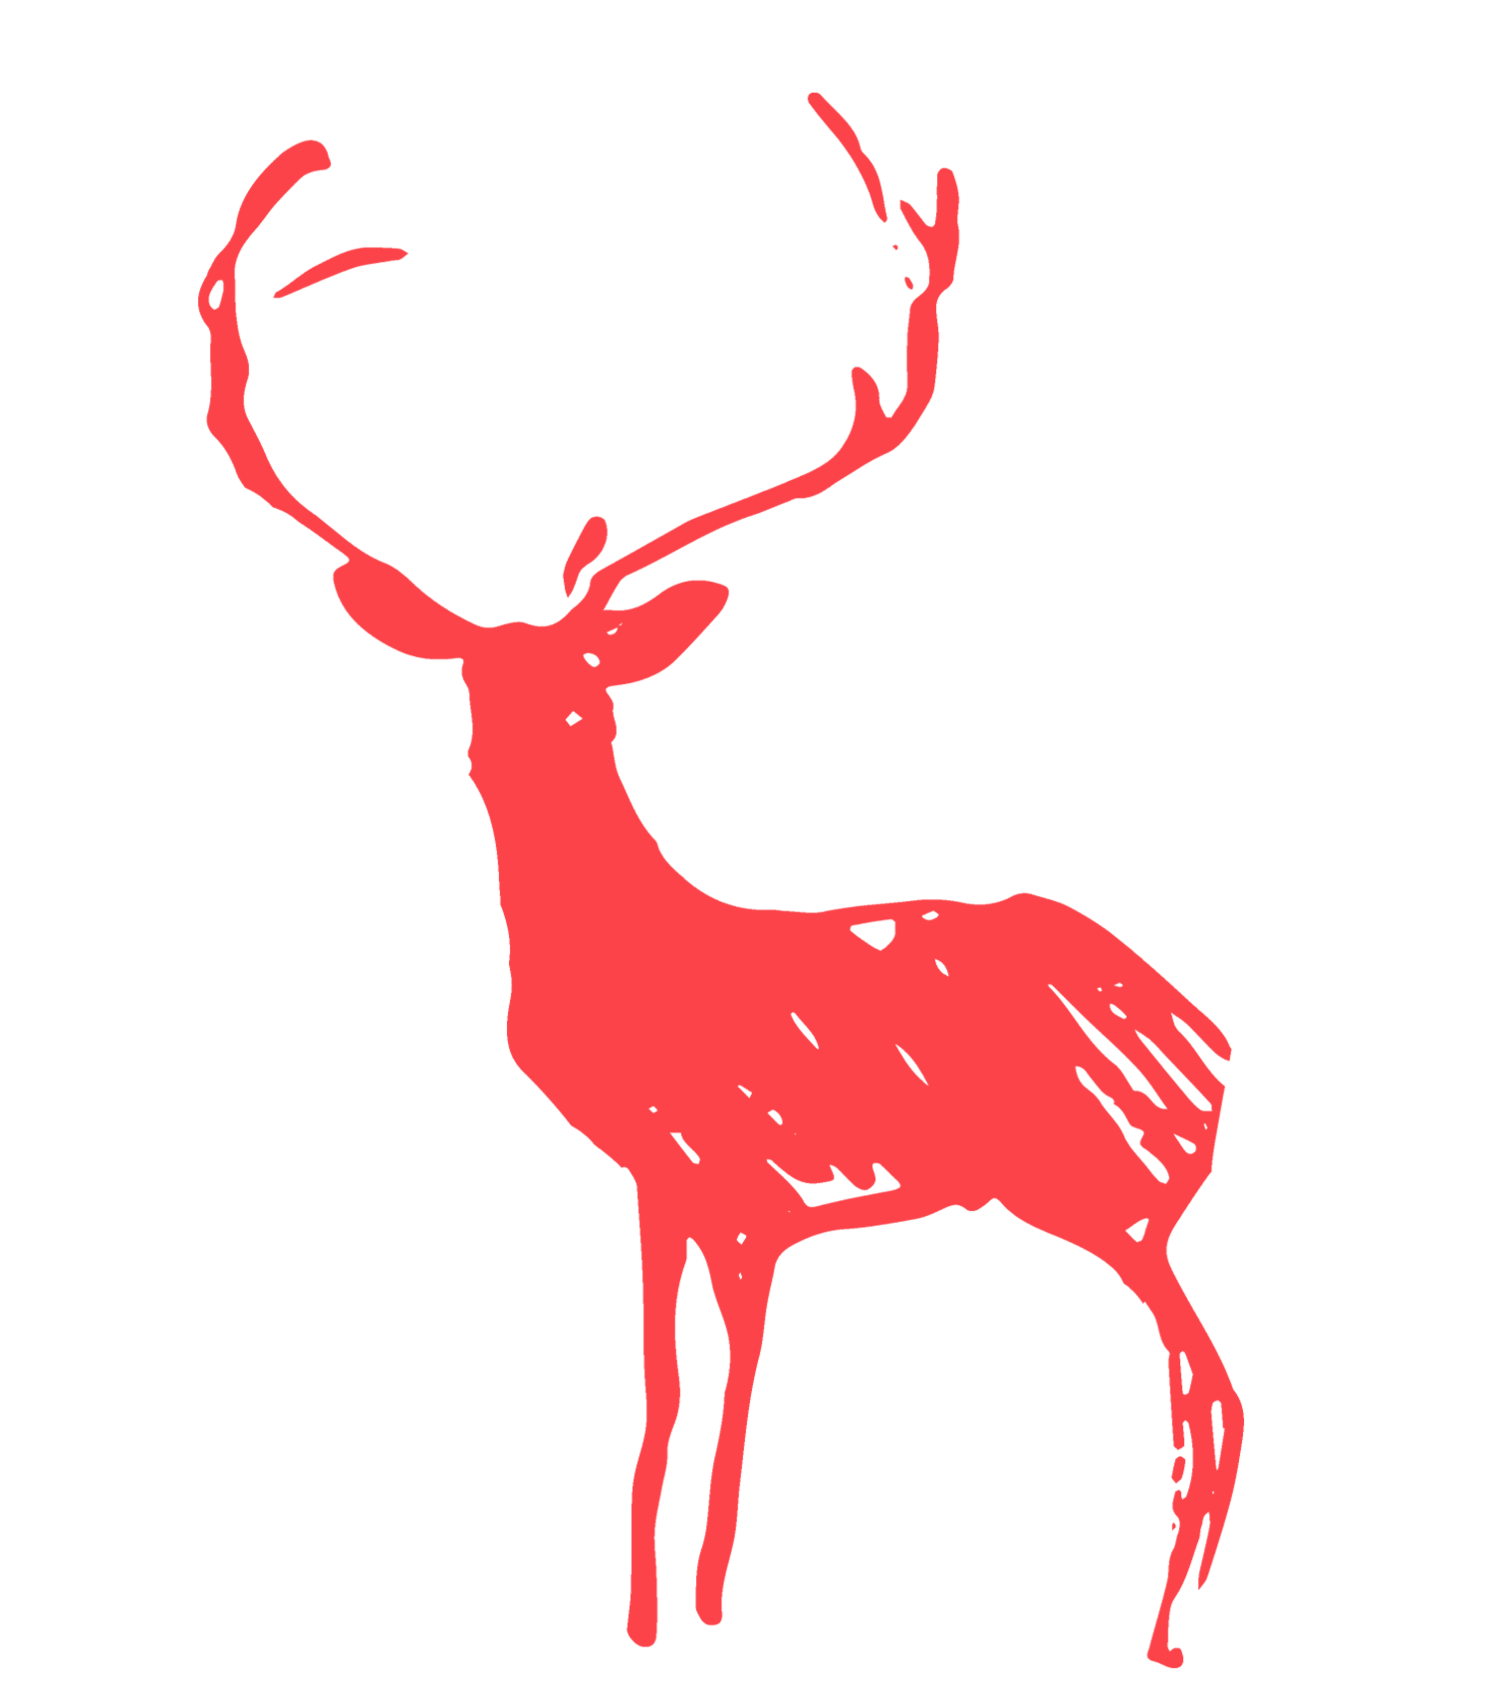 Feet clipart reindeer. Cadru